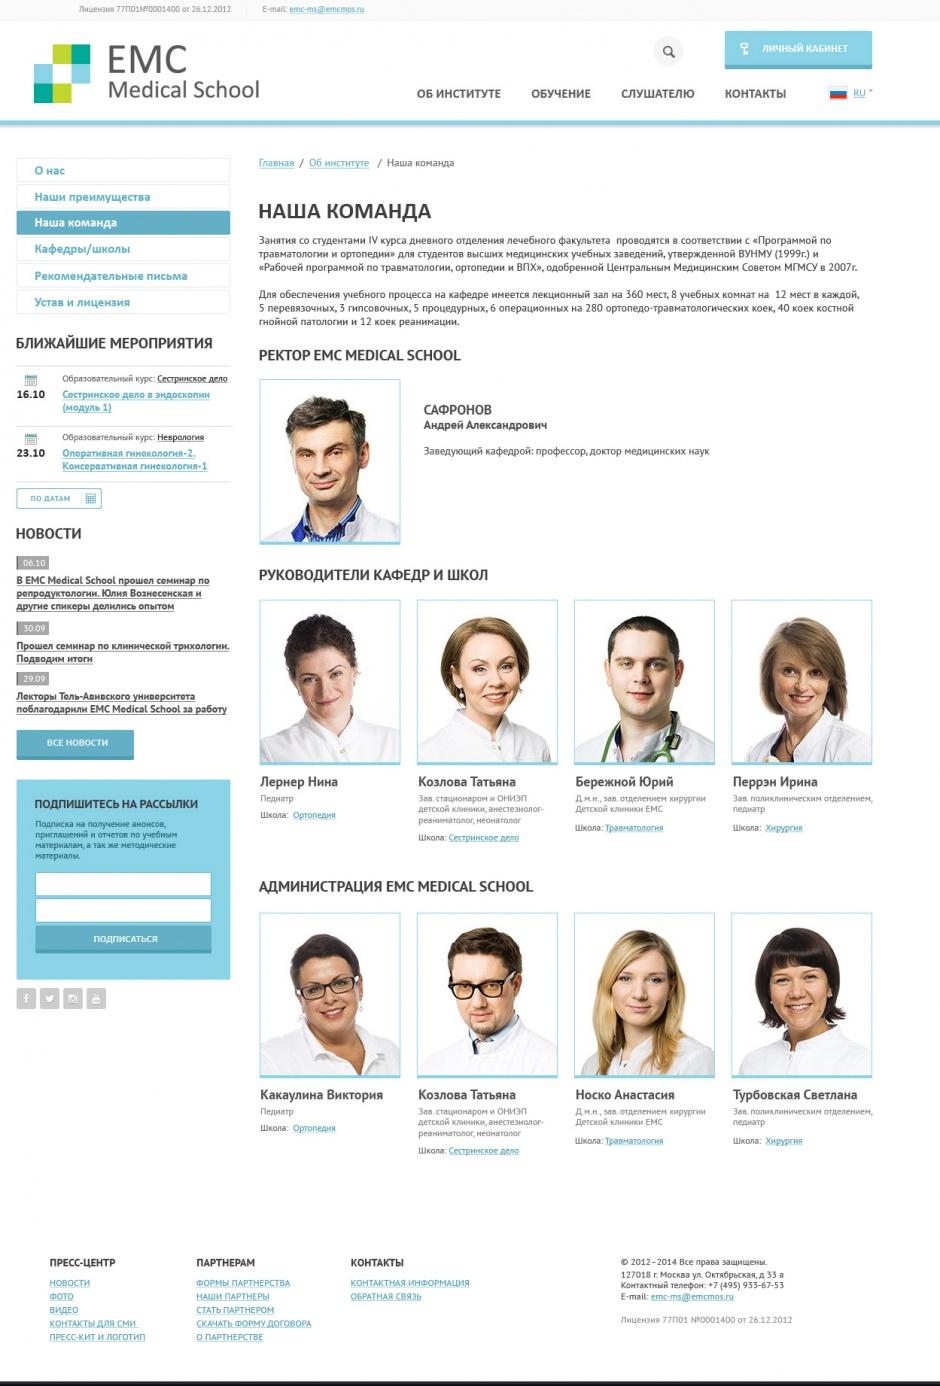 дизайн сайта EMC Medical School - доктора